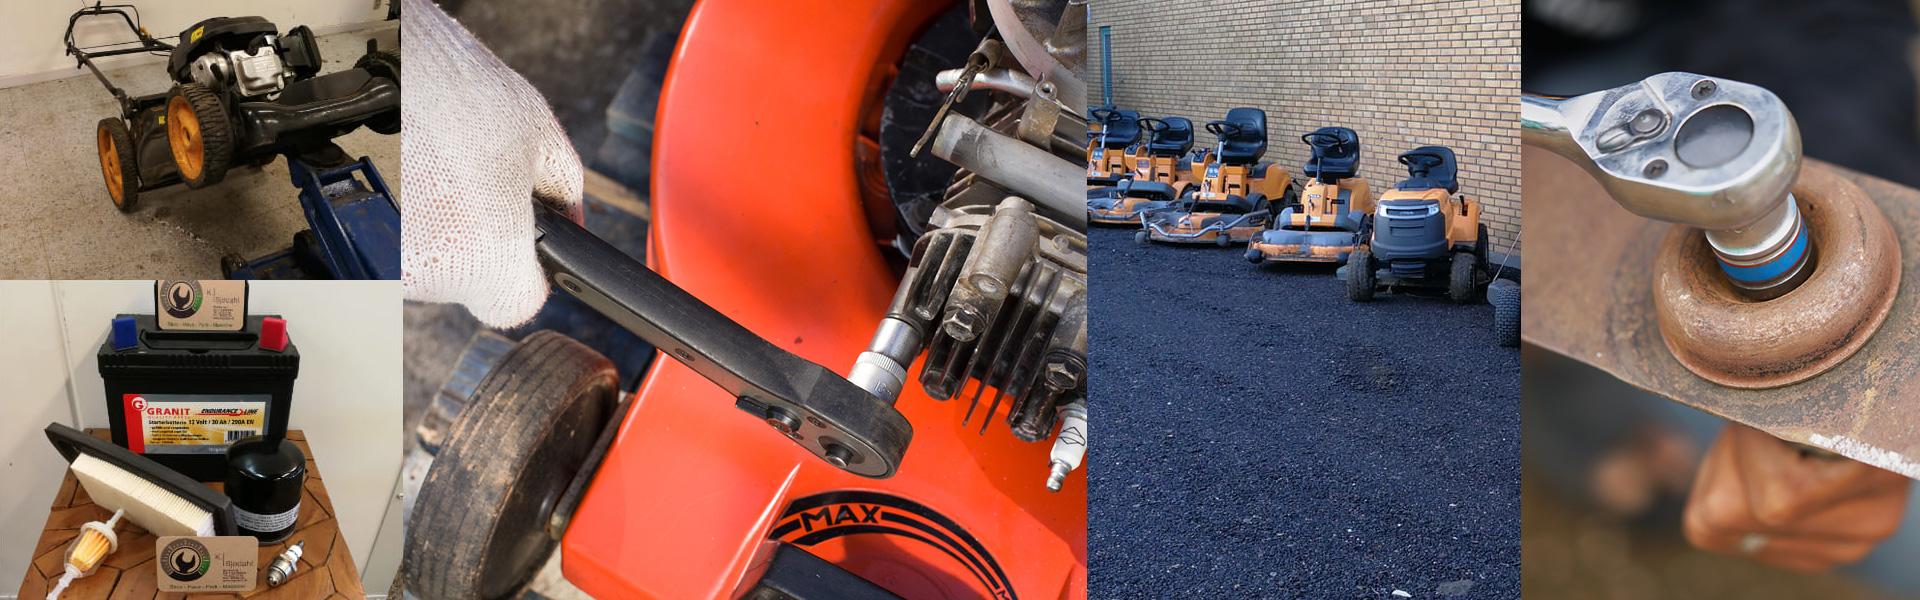 Vi vedligeholder og servicere alle typer græsslåmaskiner